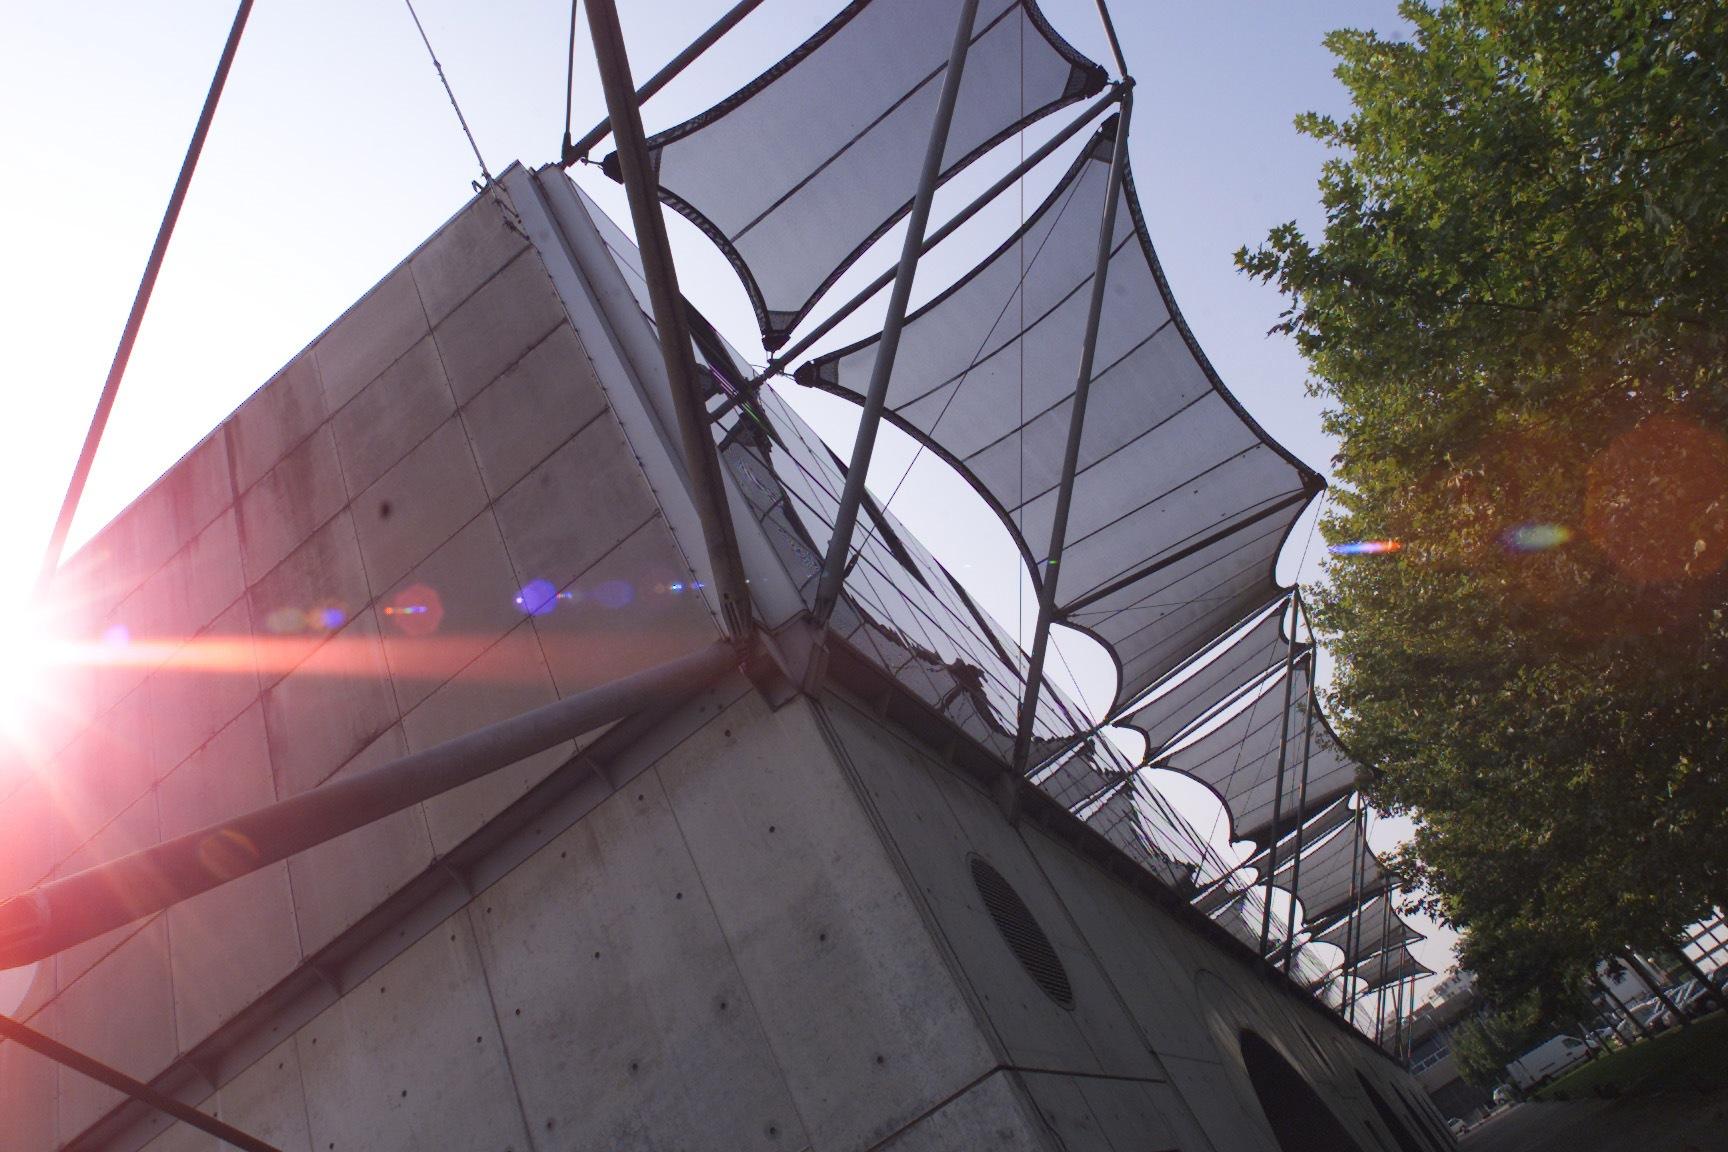 Photographes en rh ne alpes ecole nationale sup rieure d for Ecole architecture interieur lyon